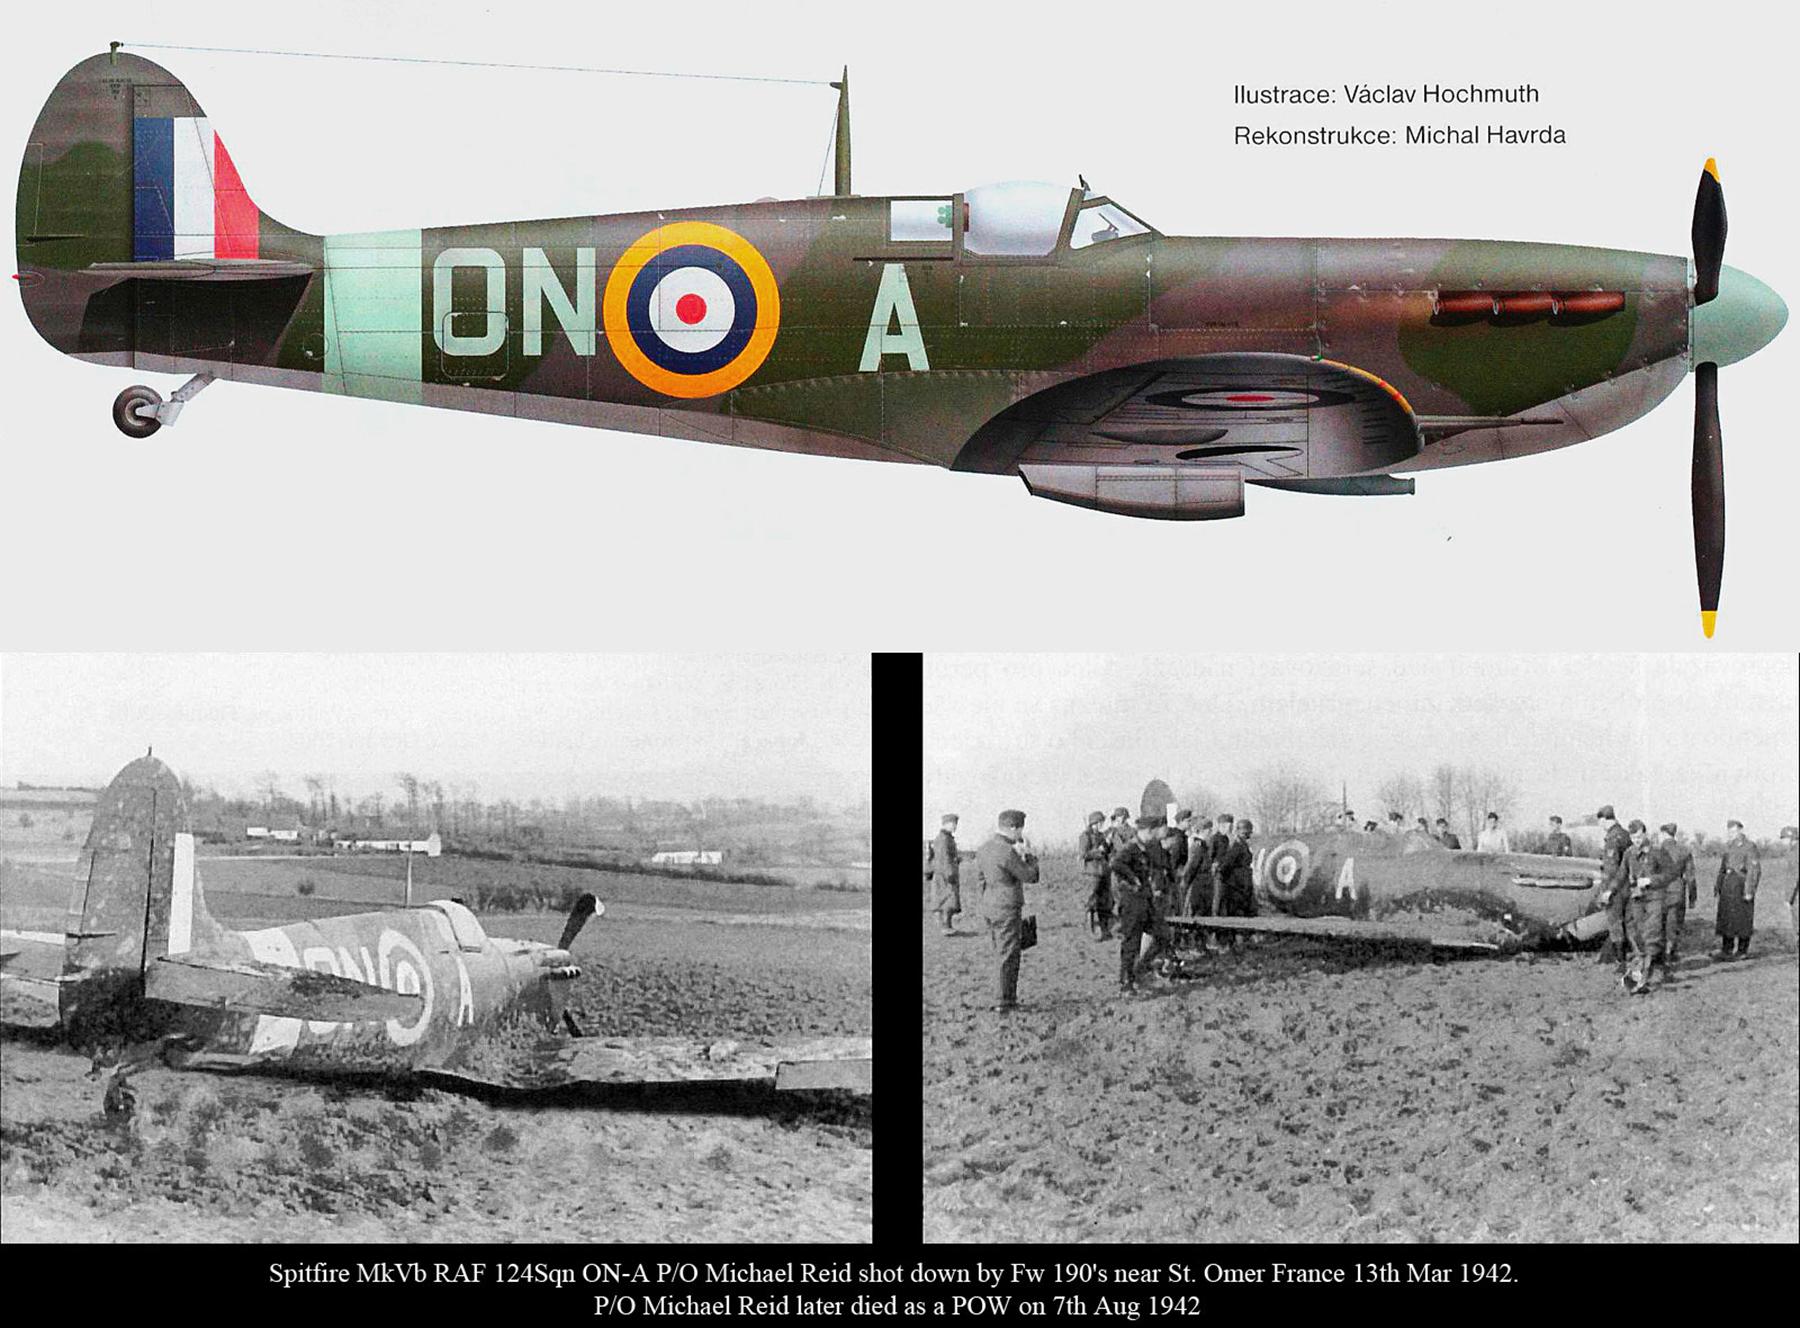 Spitfire MkVb RAF 124Sqn ONA Michael Reid shot down by Fw190s nr St.Omer 13th Mar 1942 0A